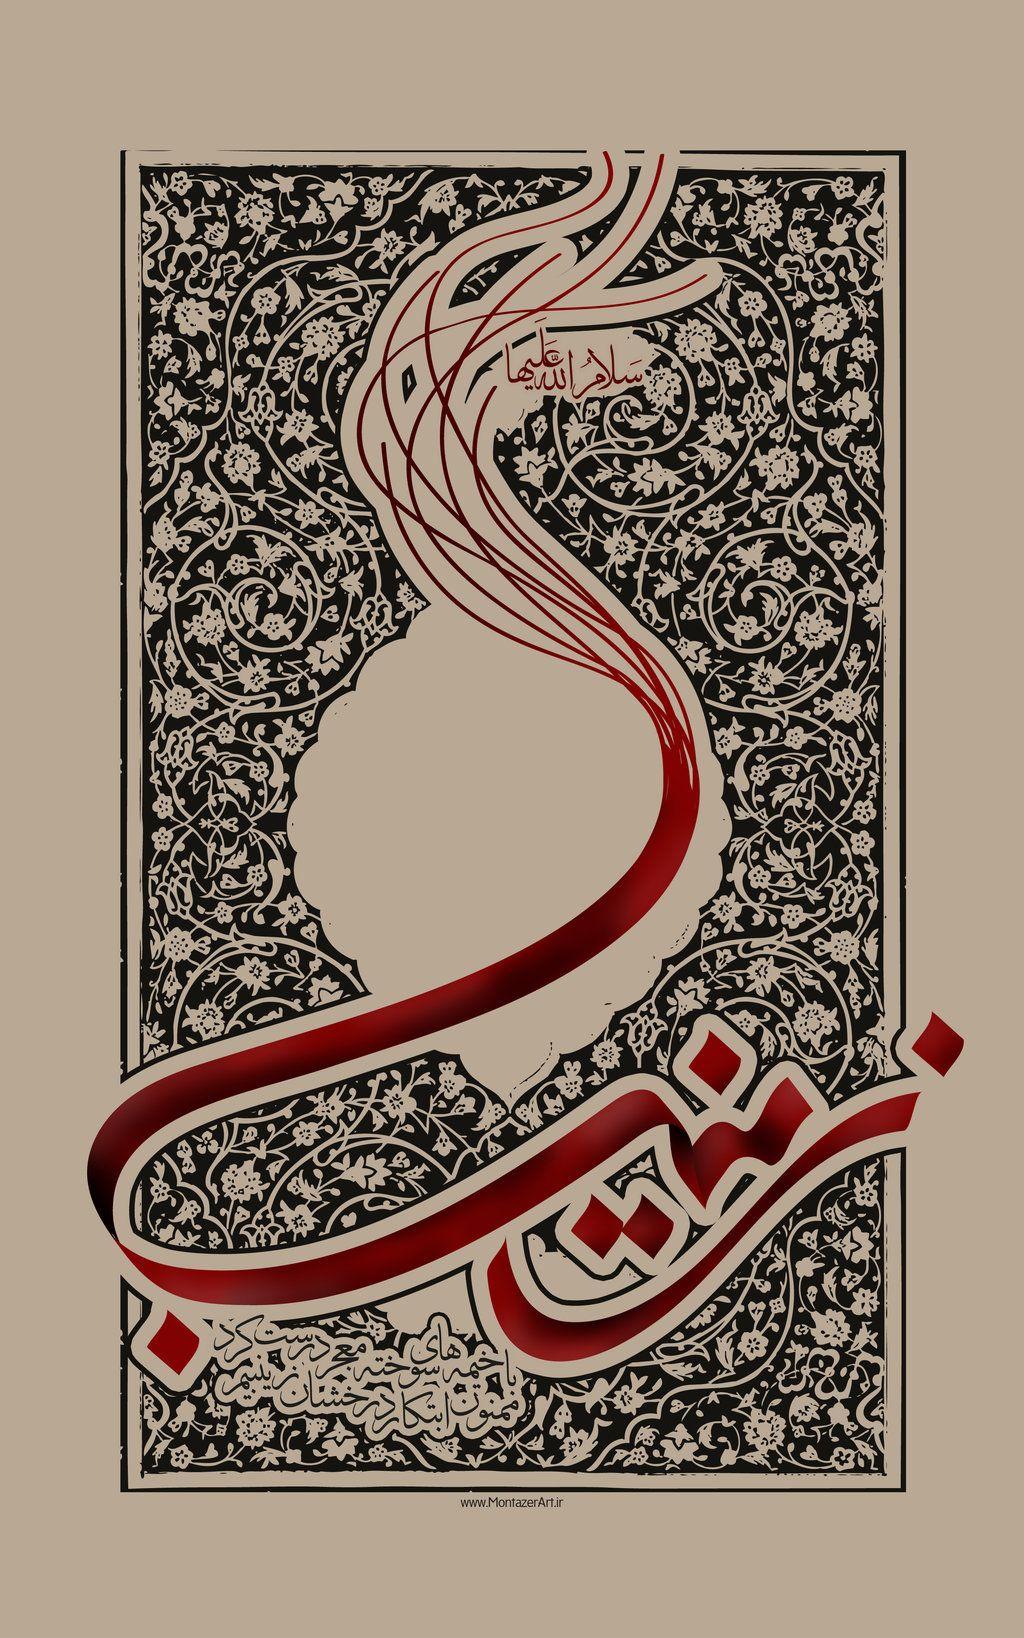 Cool Wallpaper Name Arabic - ebd3a2c8209df7e3e412f6454e589209  Picture_187549.jpg